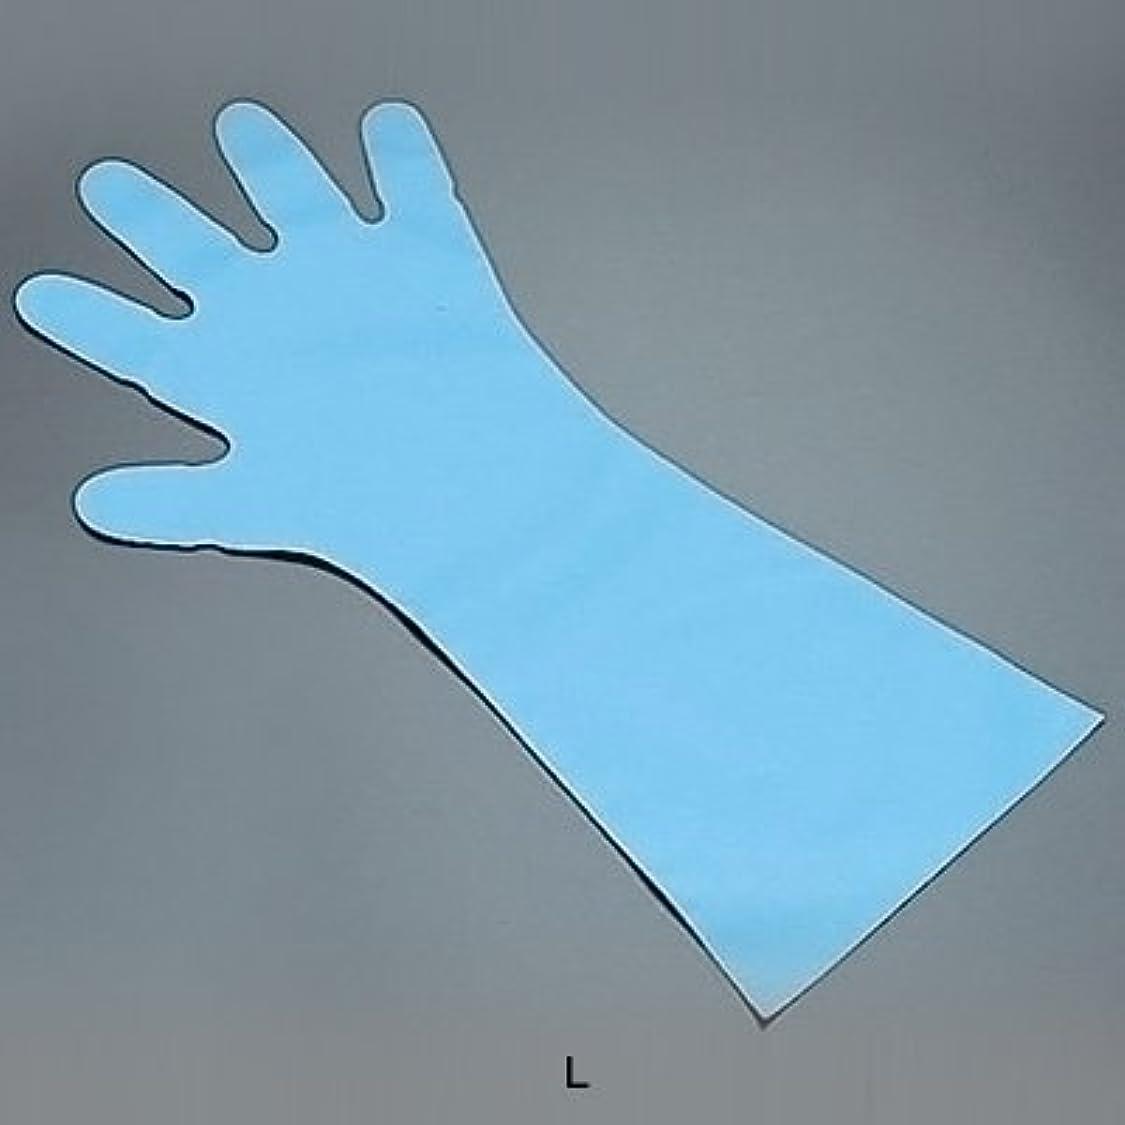 雄弁家ディレクトリでるエンボス手袋 五本絞り ロング#50 (1袋50枚入) L 全長45cm <ブルー>